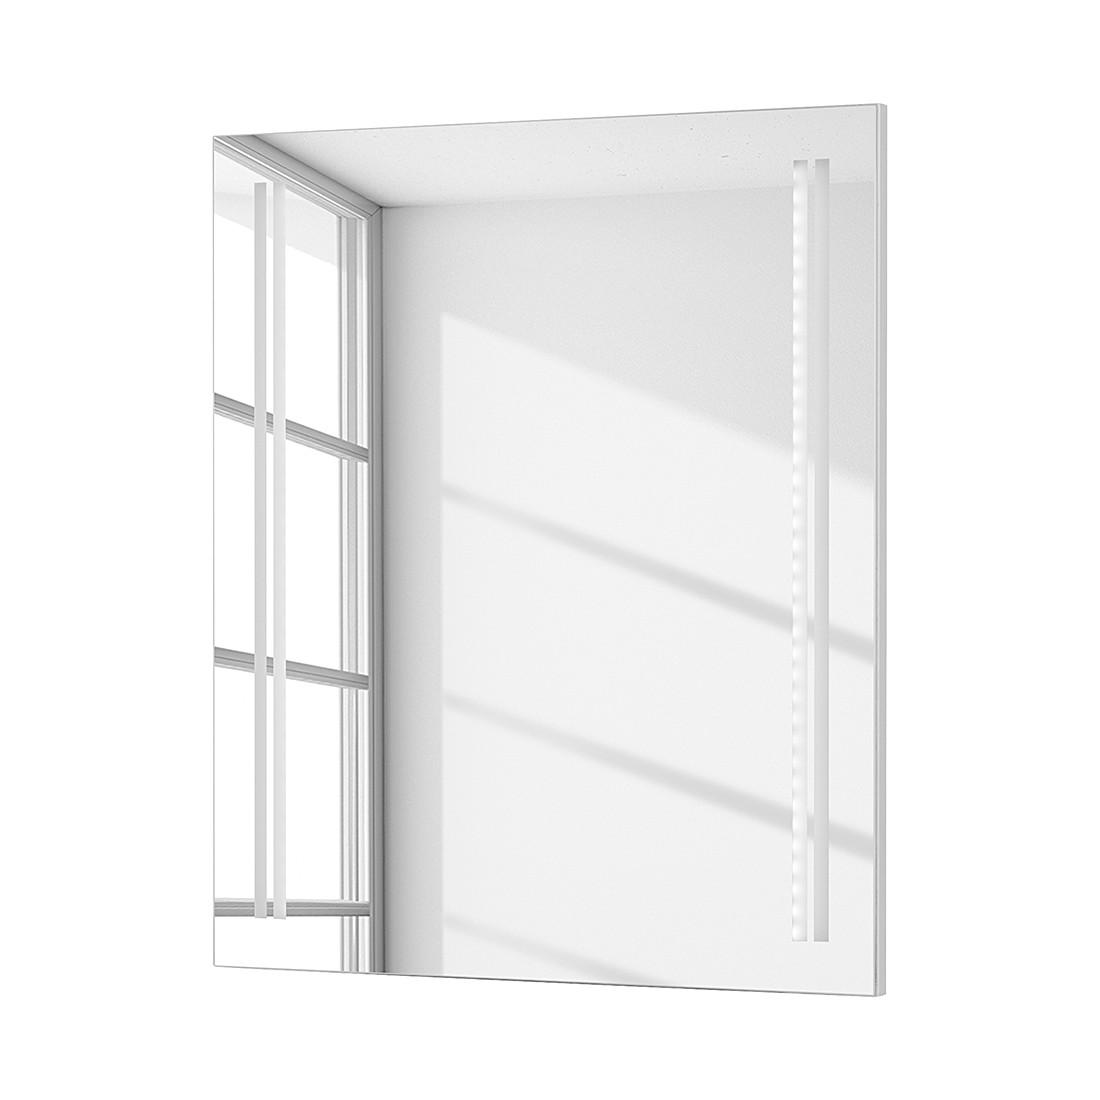 Wandspiegel Como - 60 cm, Fackelmann